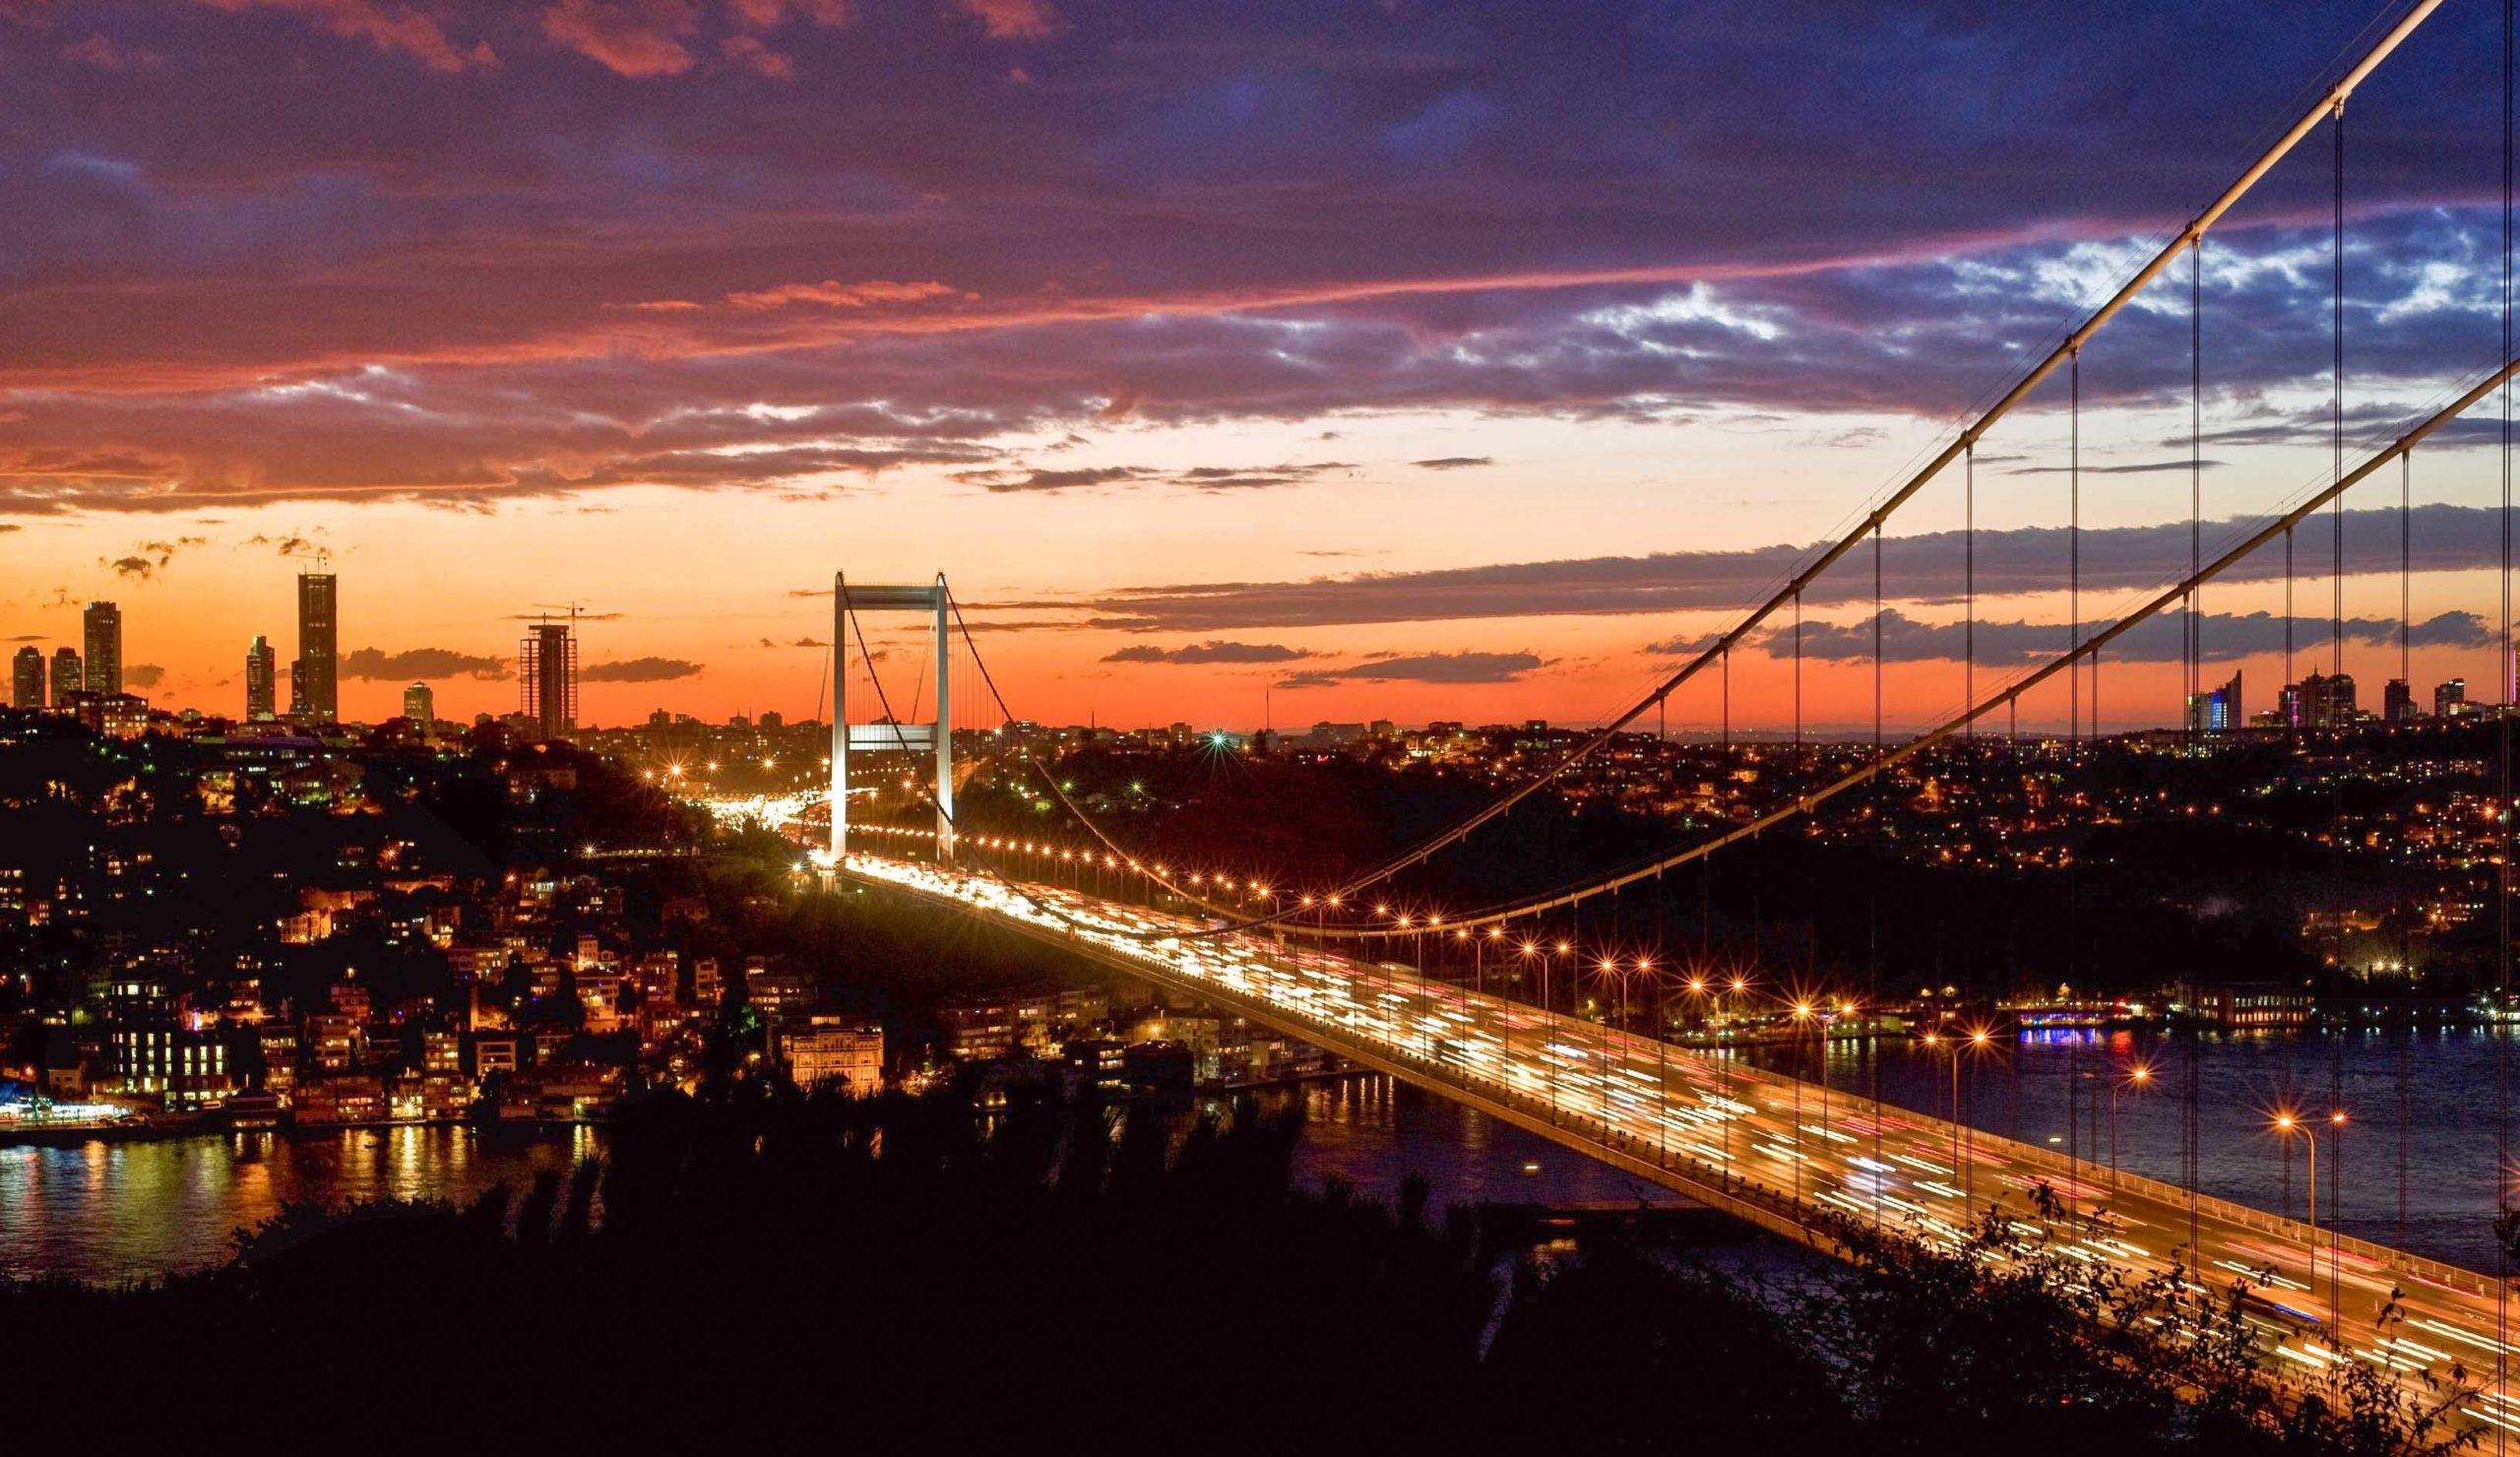 صور من اسطنبول